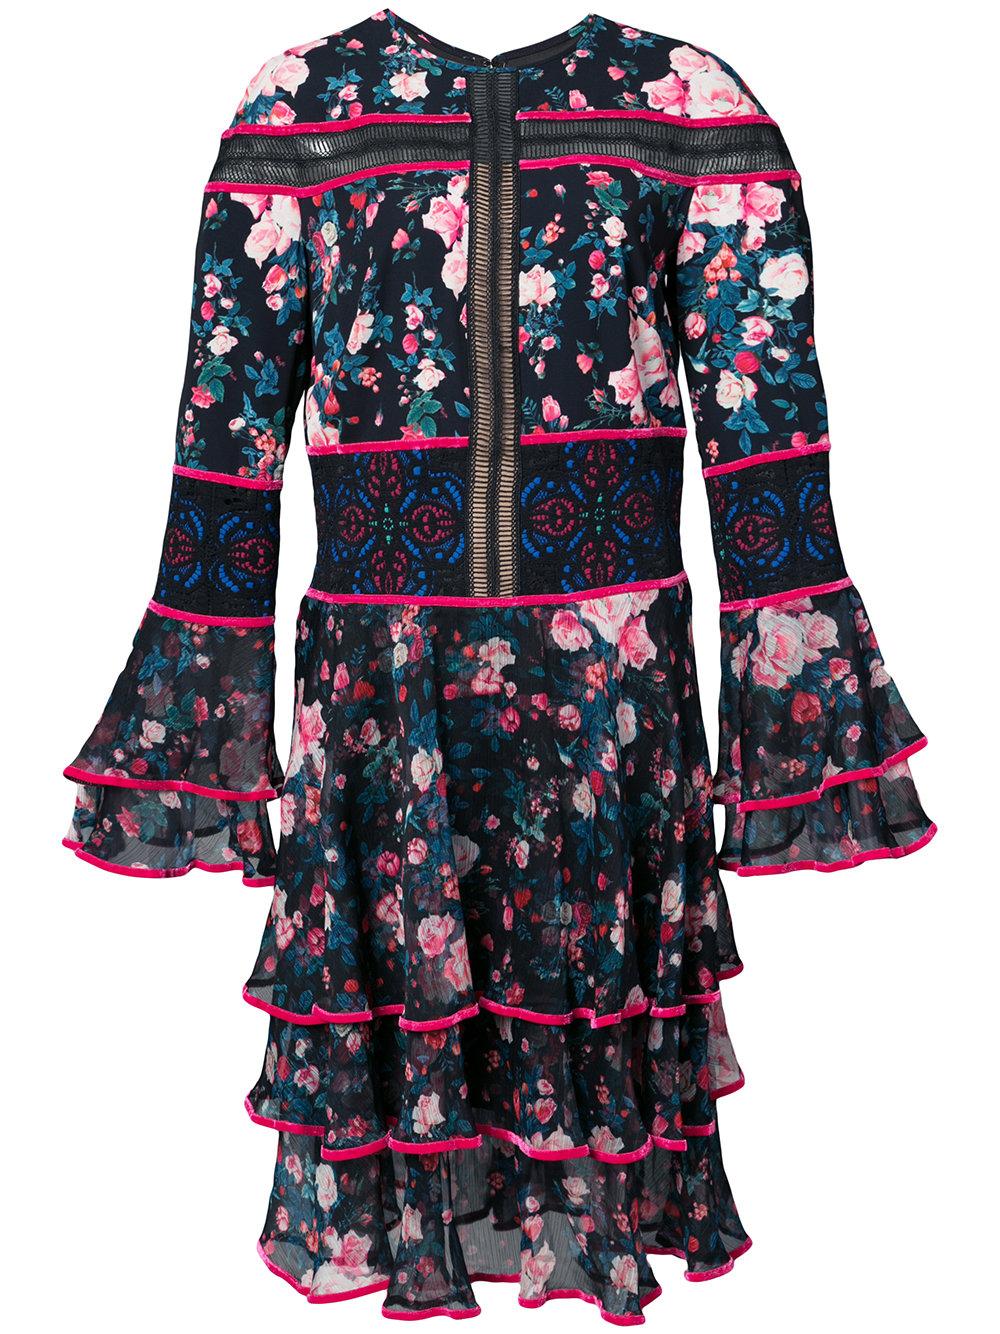 TADASHI SHOJI dress - $515